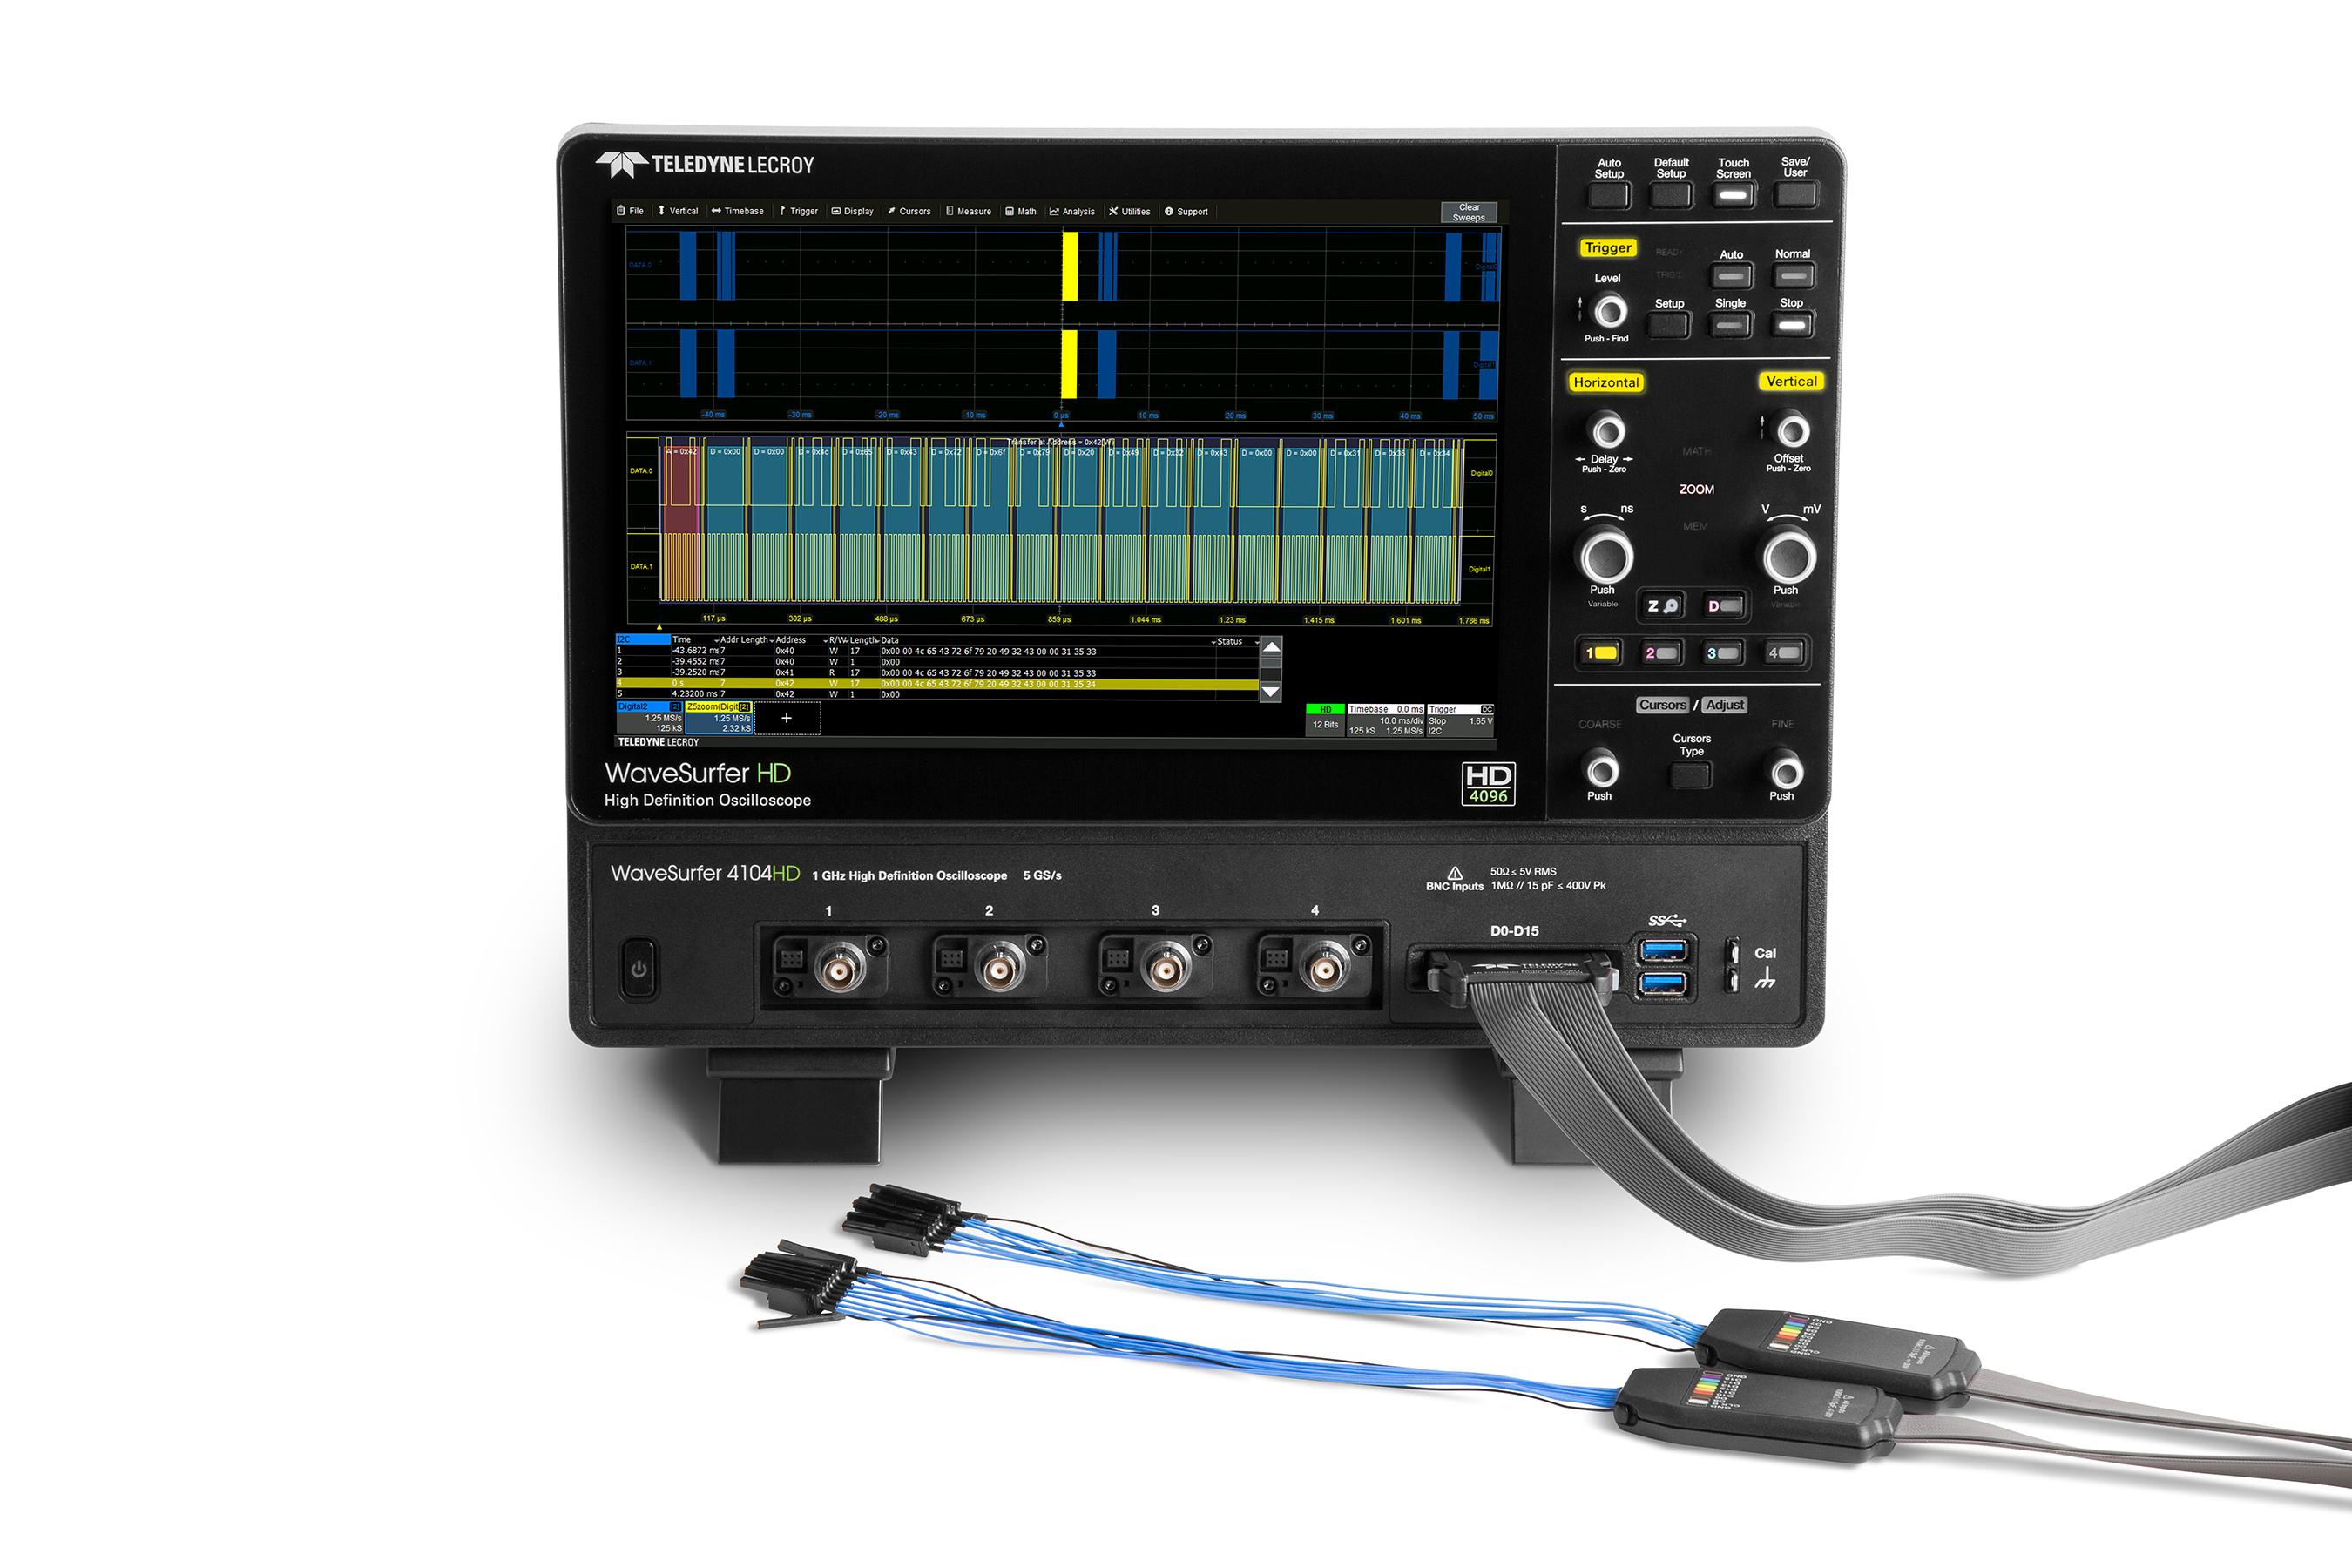 Teledyne LeCroy WaveSurfer4000HD